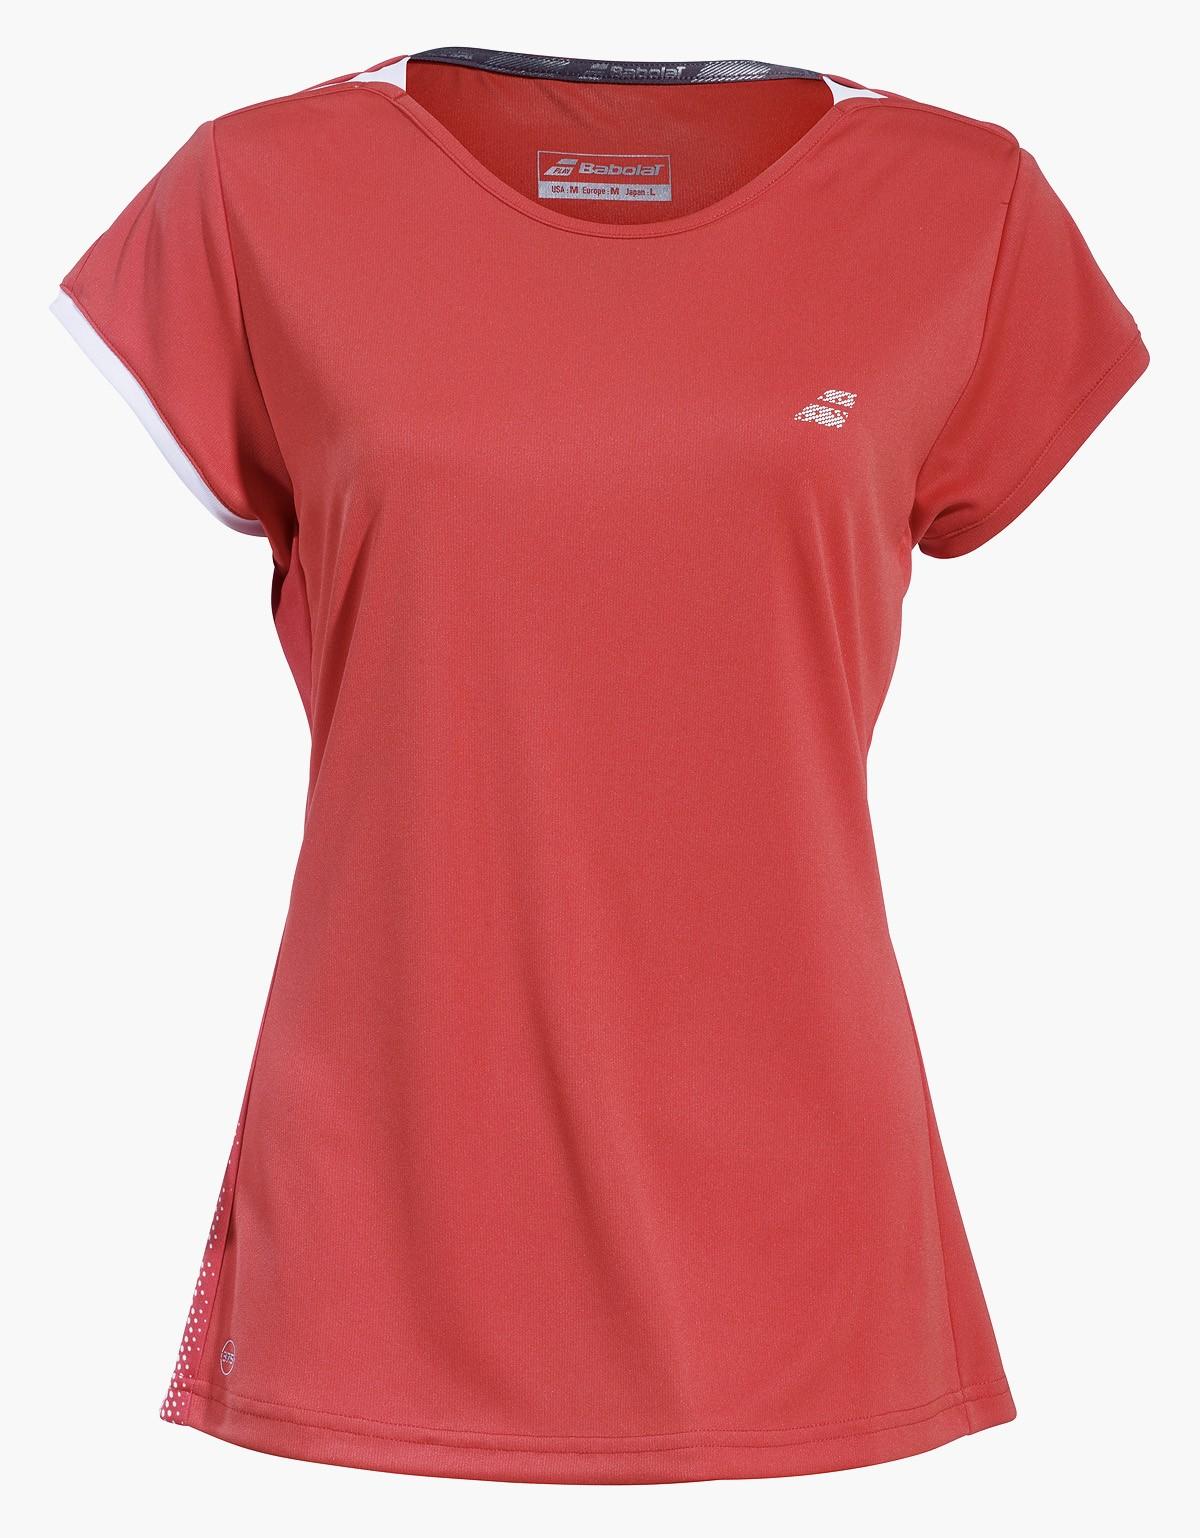 Koszulka tenisowa dziewczęca Babolat PERF Cap Sleeve Hibiscus -50%